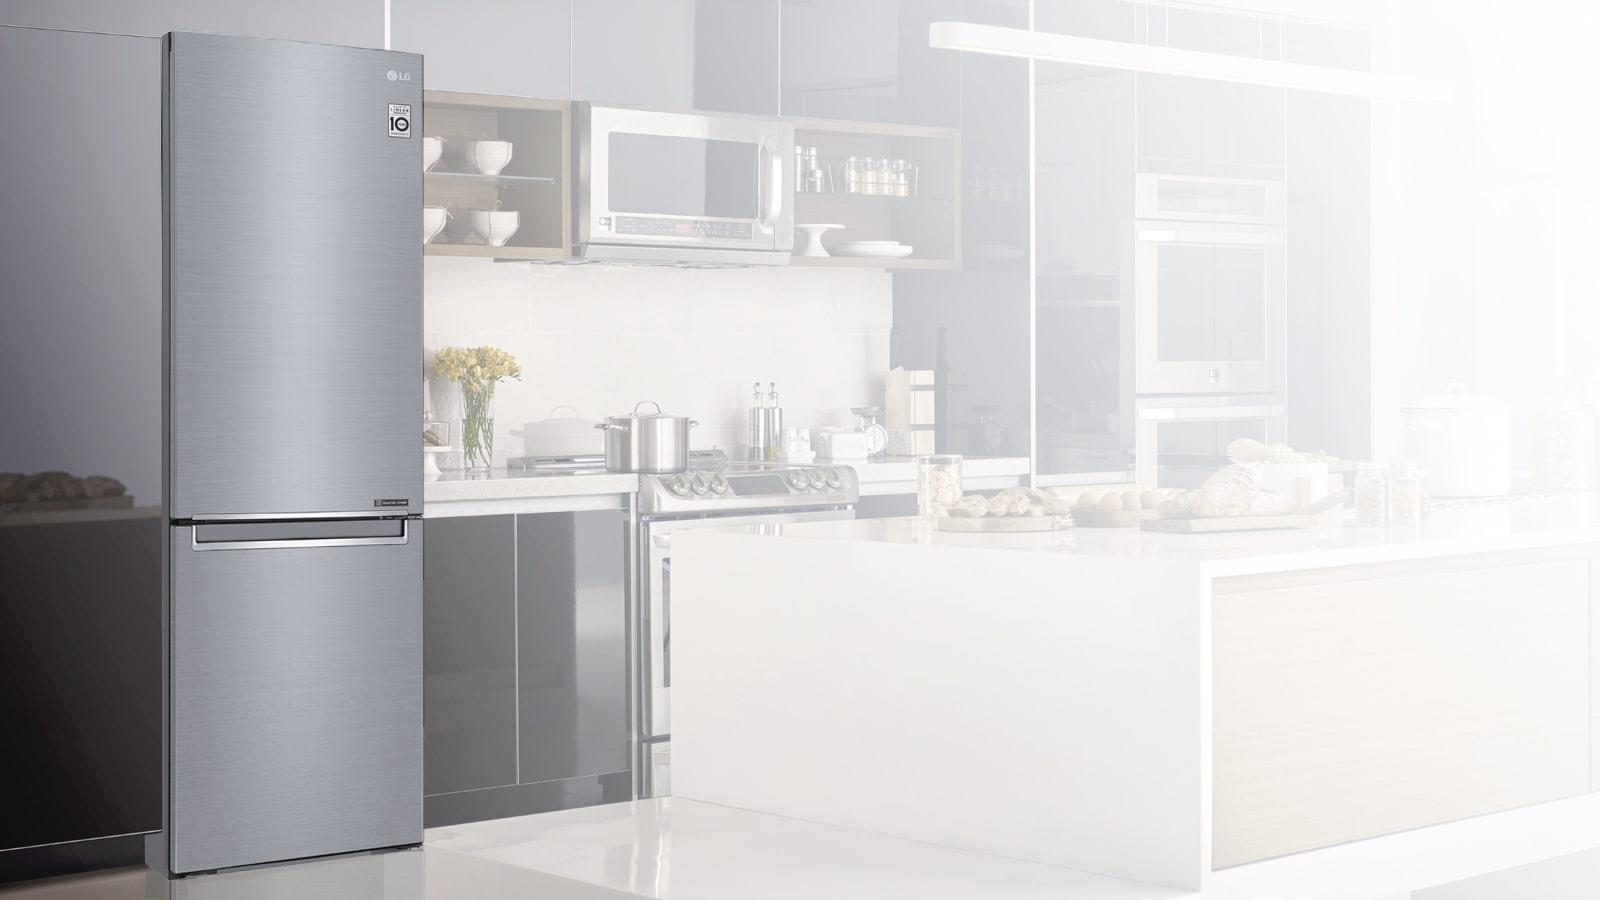 Réfrigérateur parfaitement intégré dans une cuisine